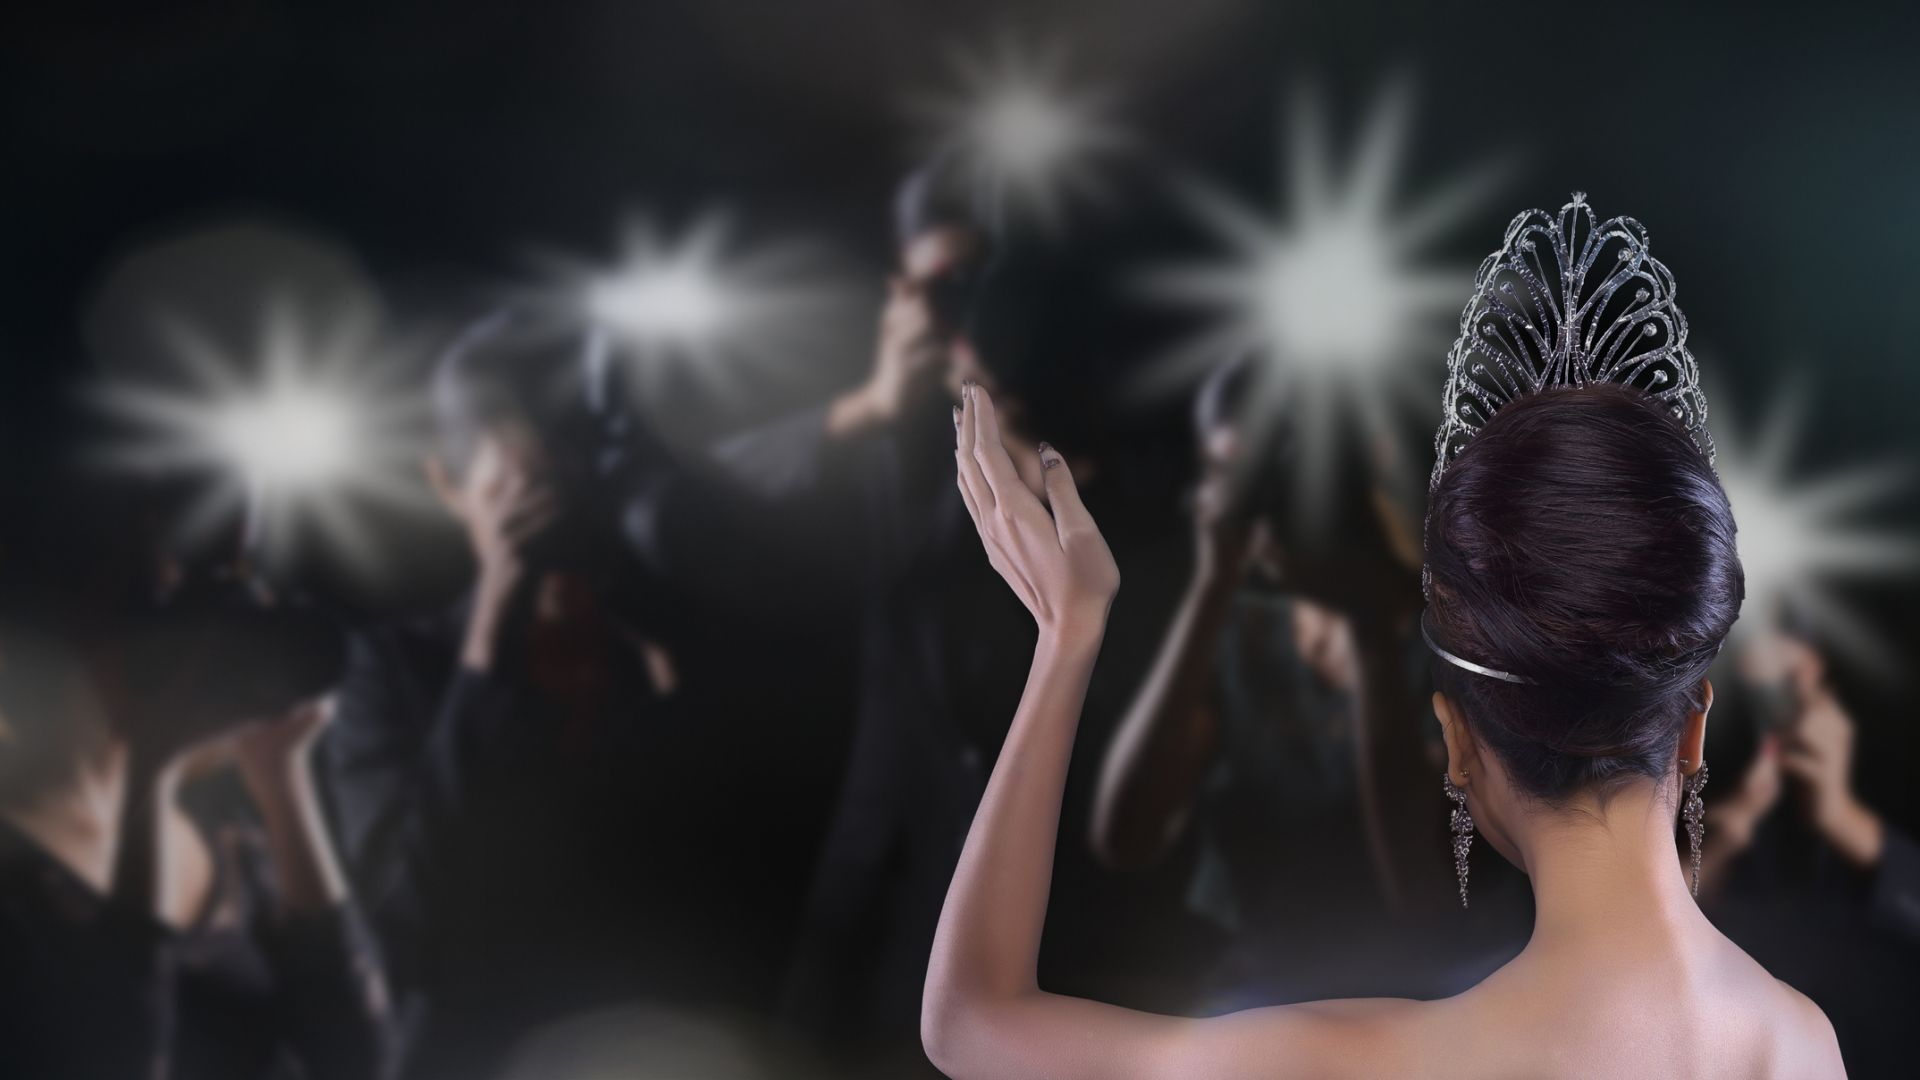 14 от 32 участнички в конкурса Мис Мексико се оказаха с коронавирус (снимки)